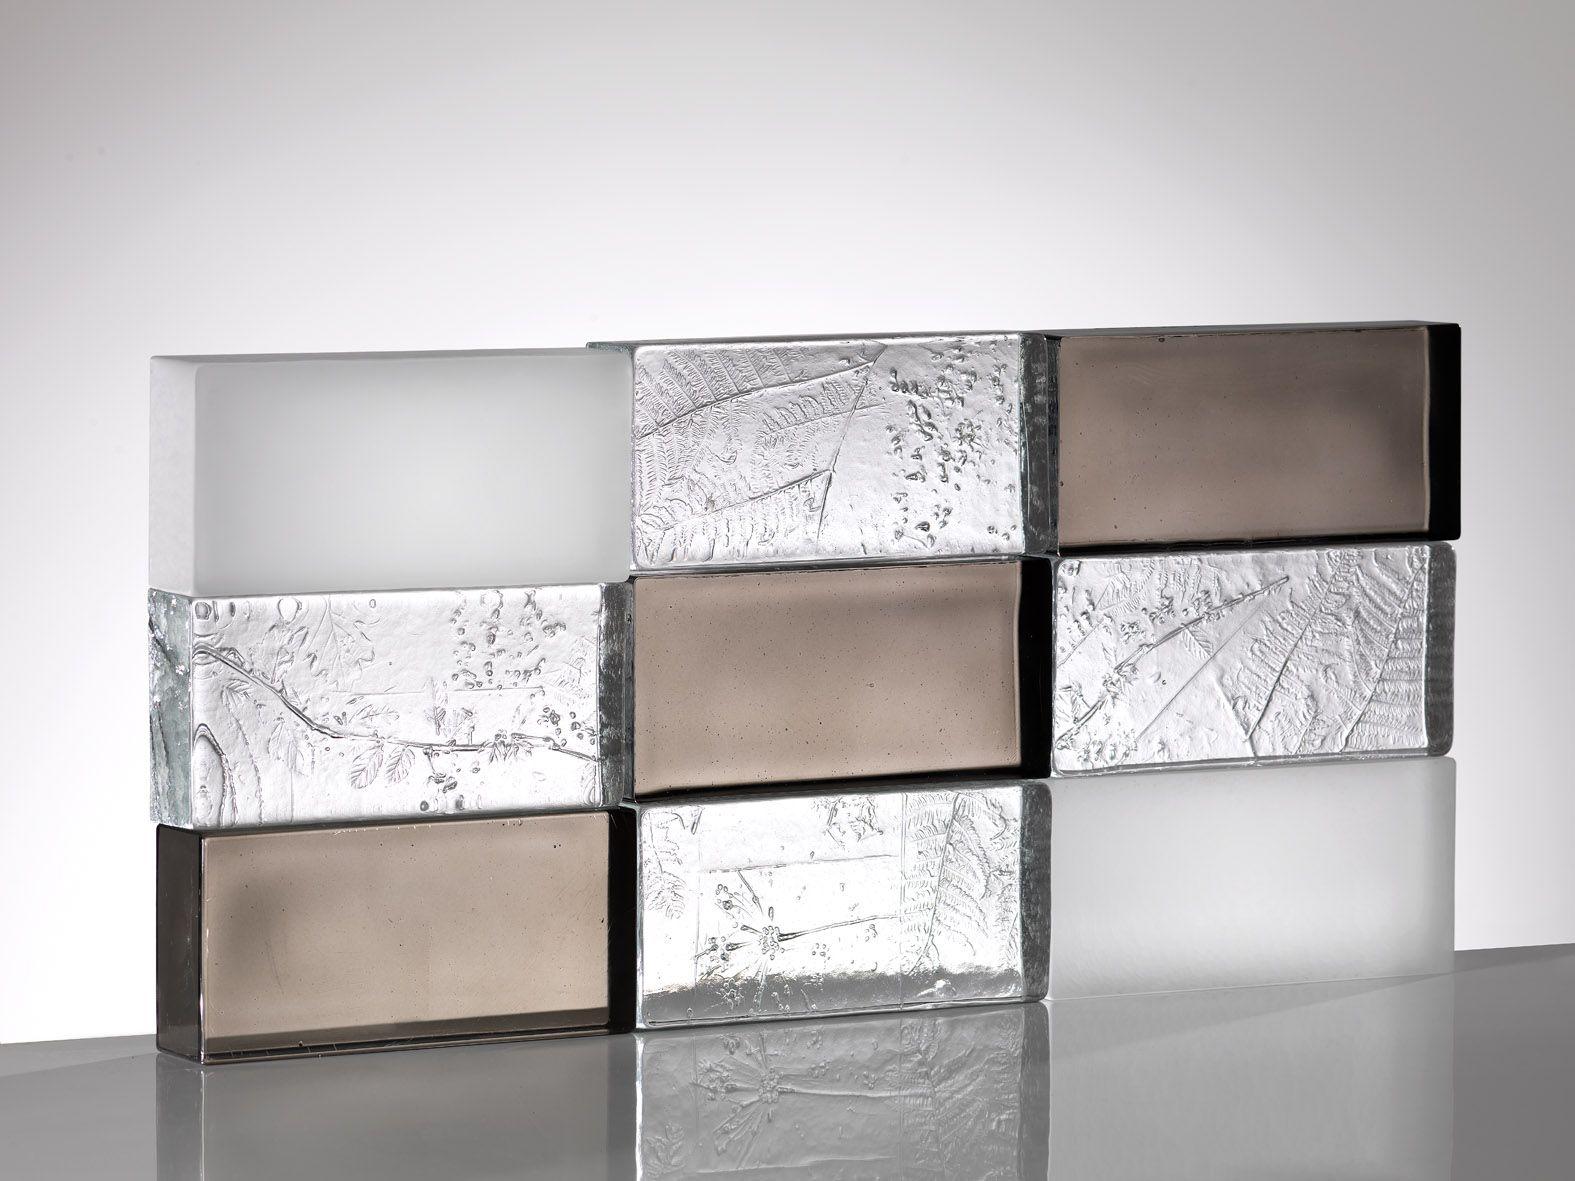 مراحل تولید بلوک شیشه ای - استوارسازان